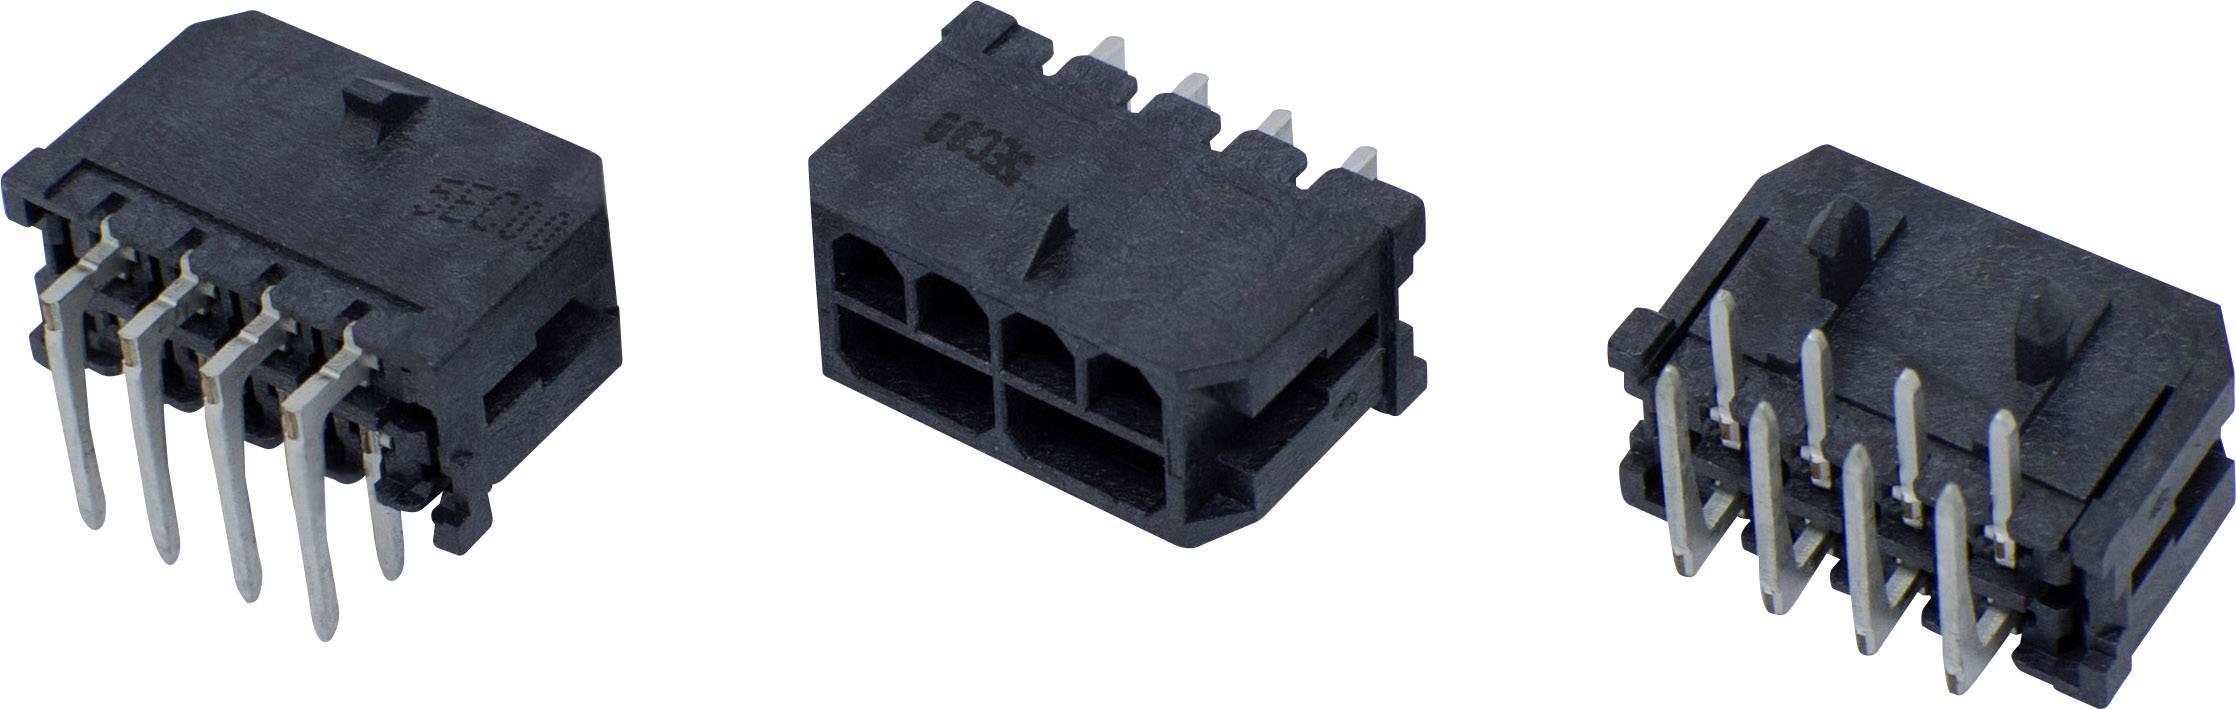 Pinová lišta (štandardná) BellWether 70095-0608, pólů 6, rozteč 3 mm, 1 ks